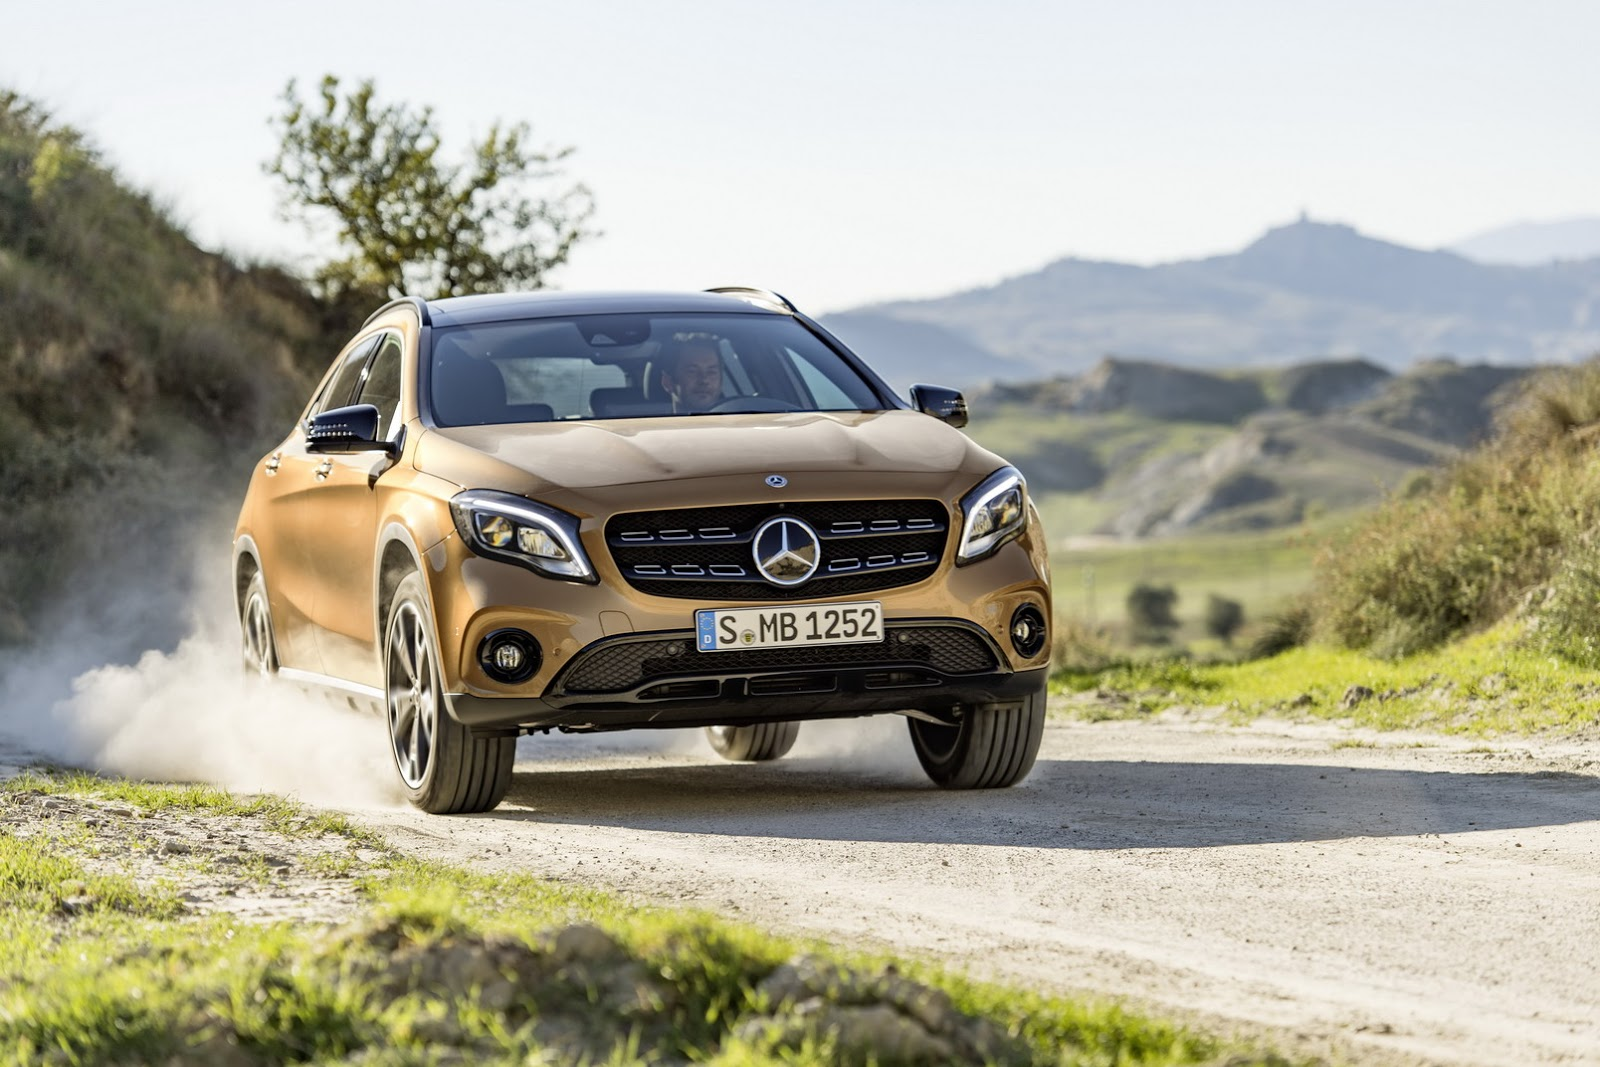 Mercedes GLA facelift and GLA 45 AMG facelift 2017 (39)